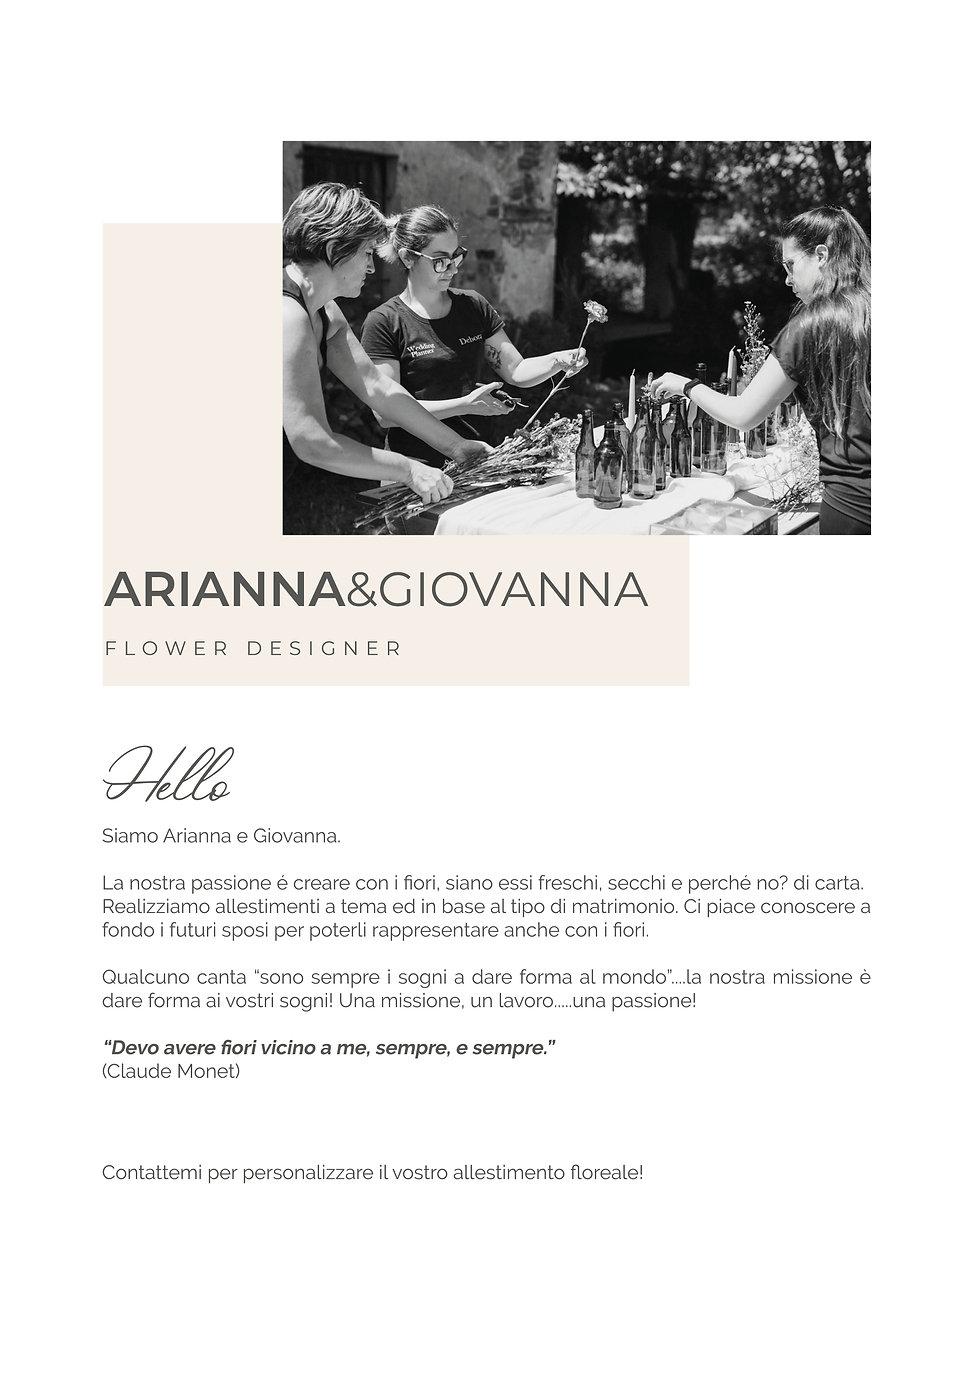 arianna&giovanna.jpg